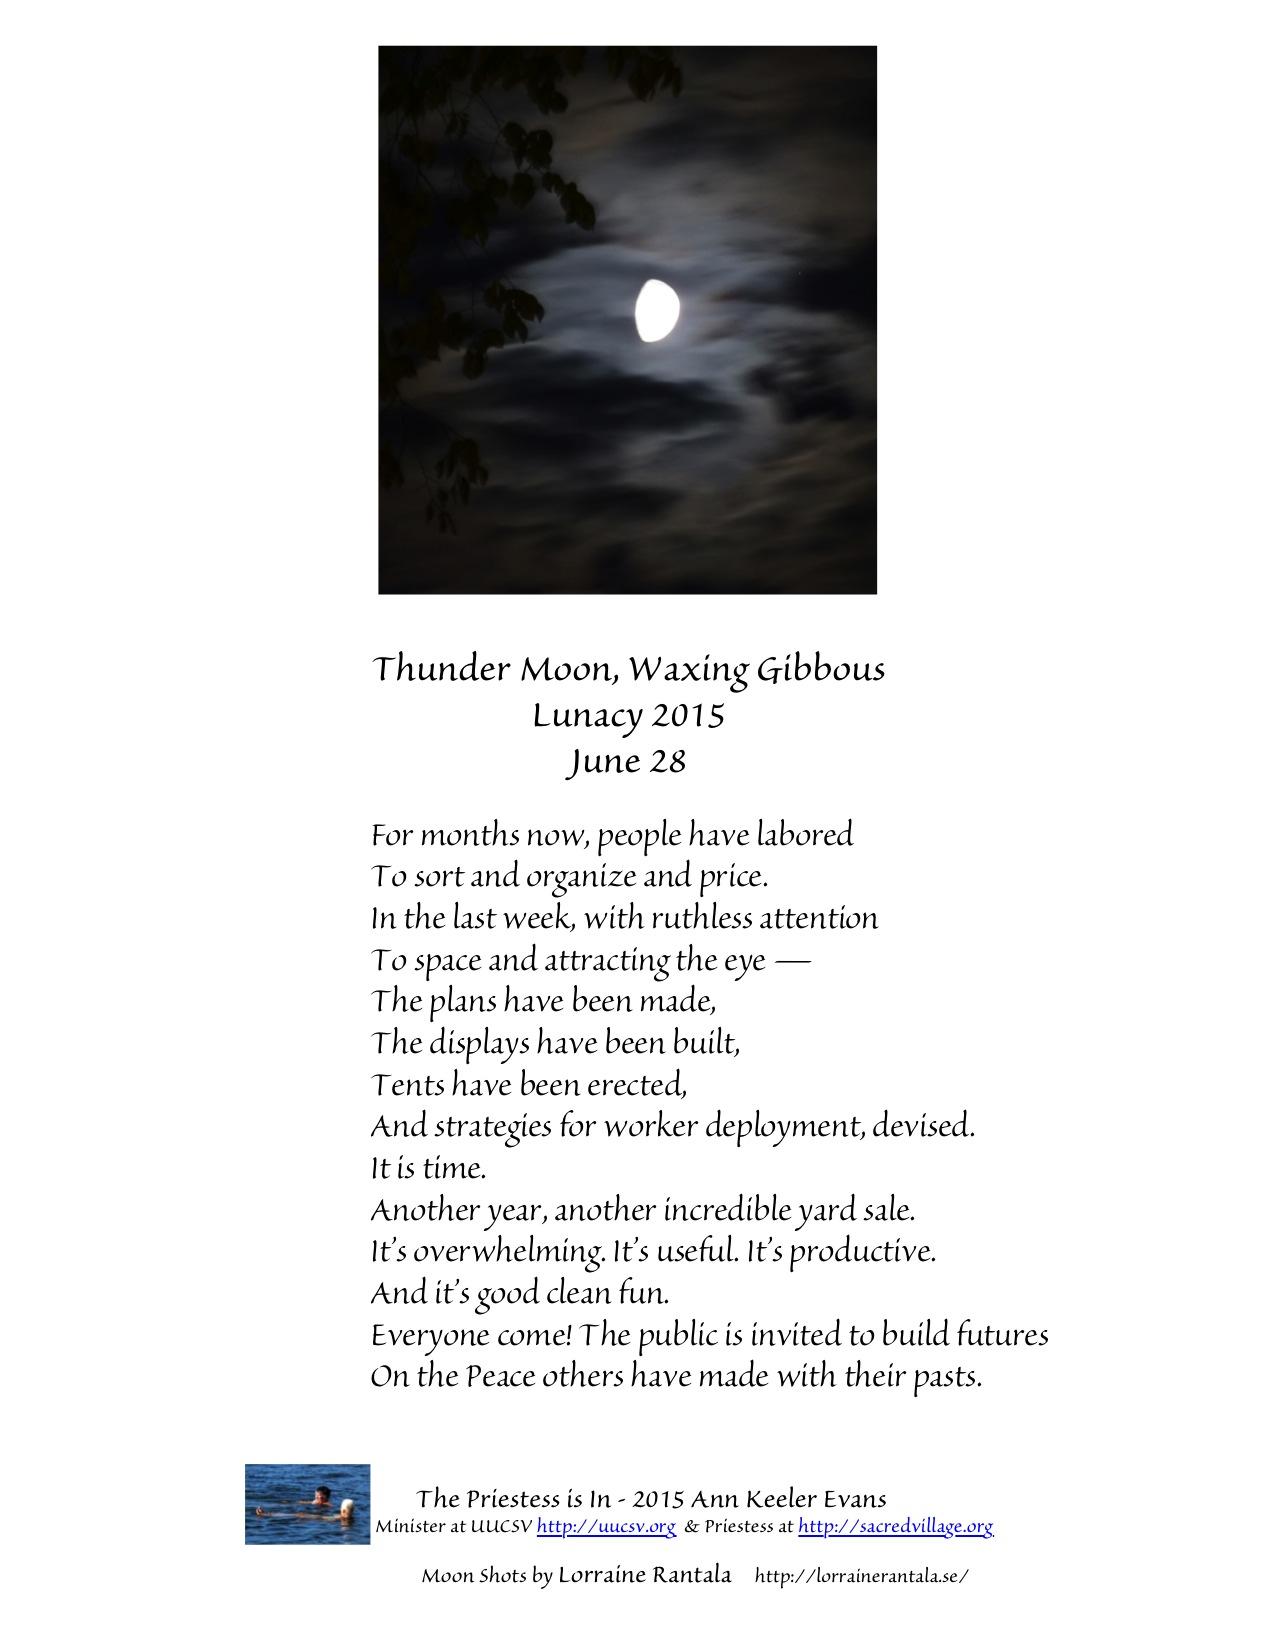 ThunderMoonLunacyJun28